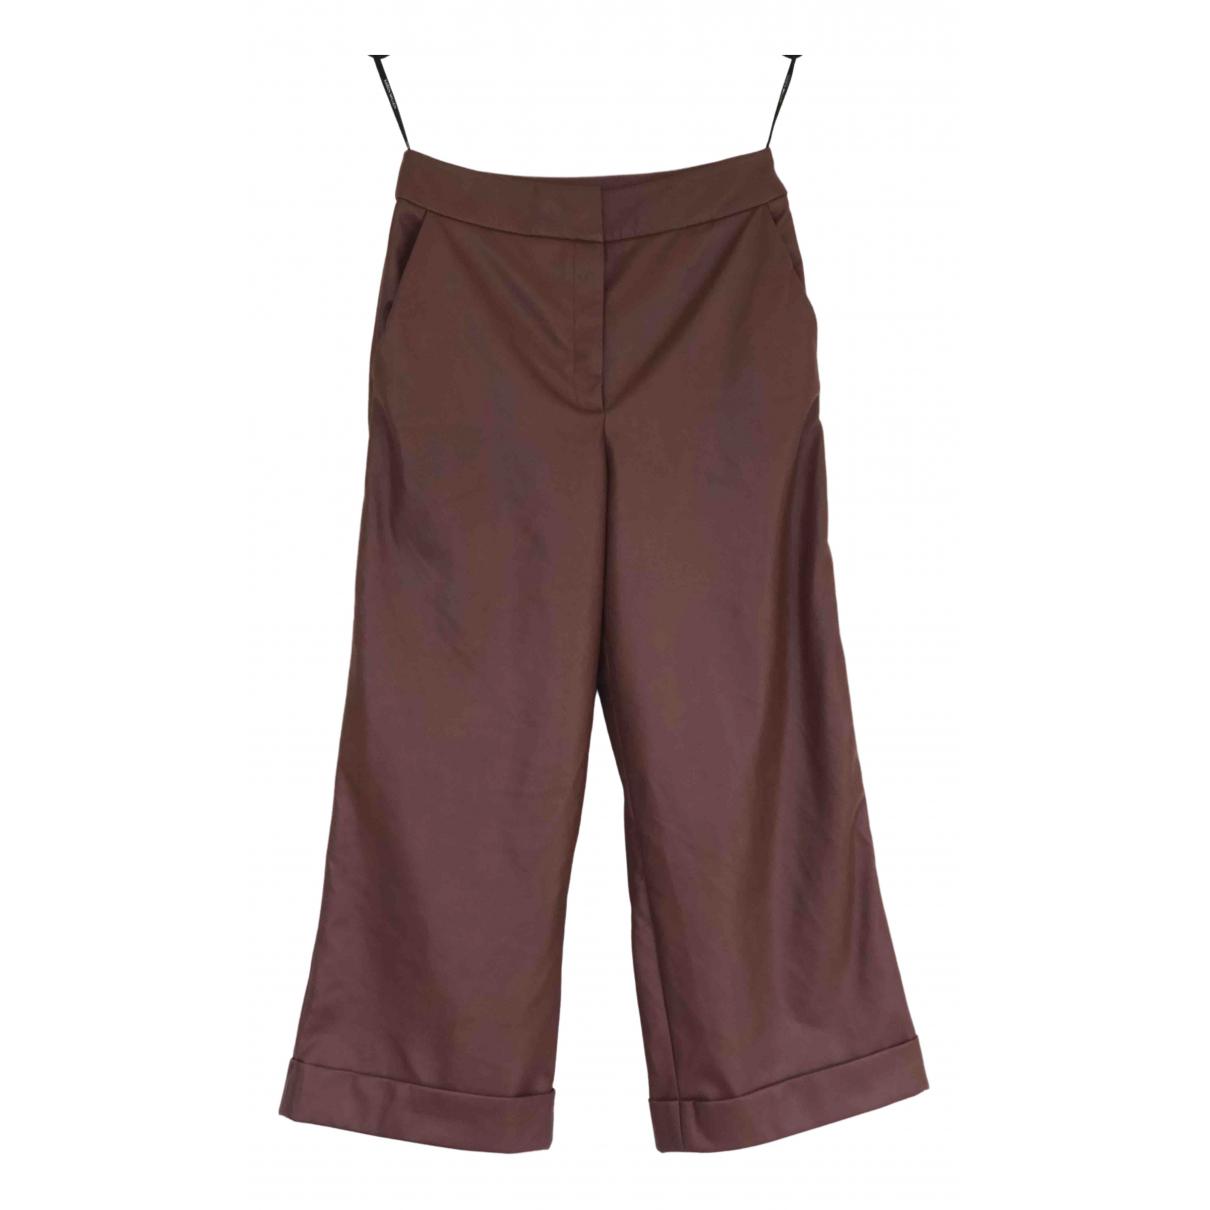 Karen Millen \N Brown Trousers for Women 8 UK